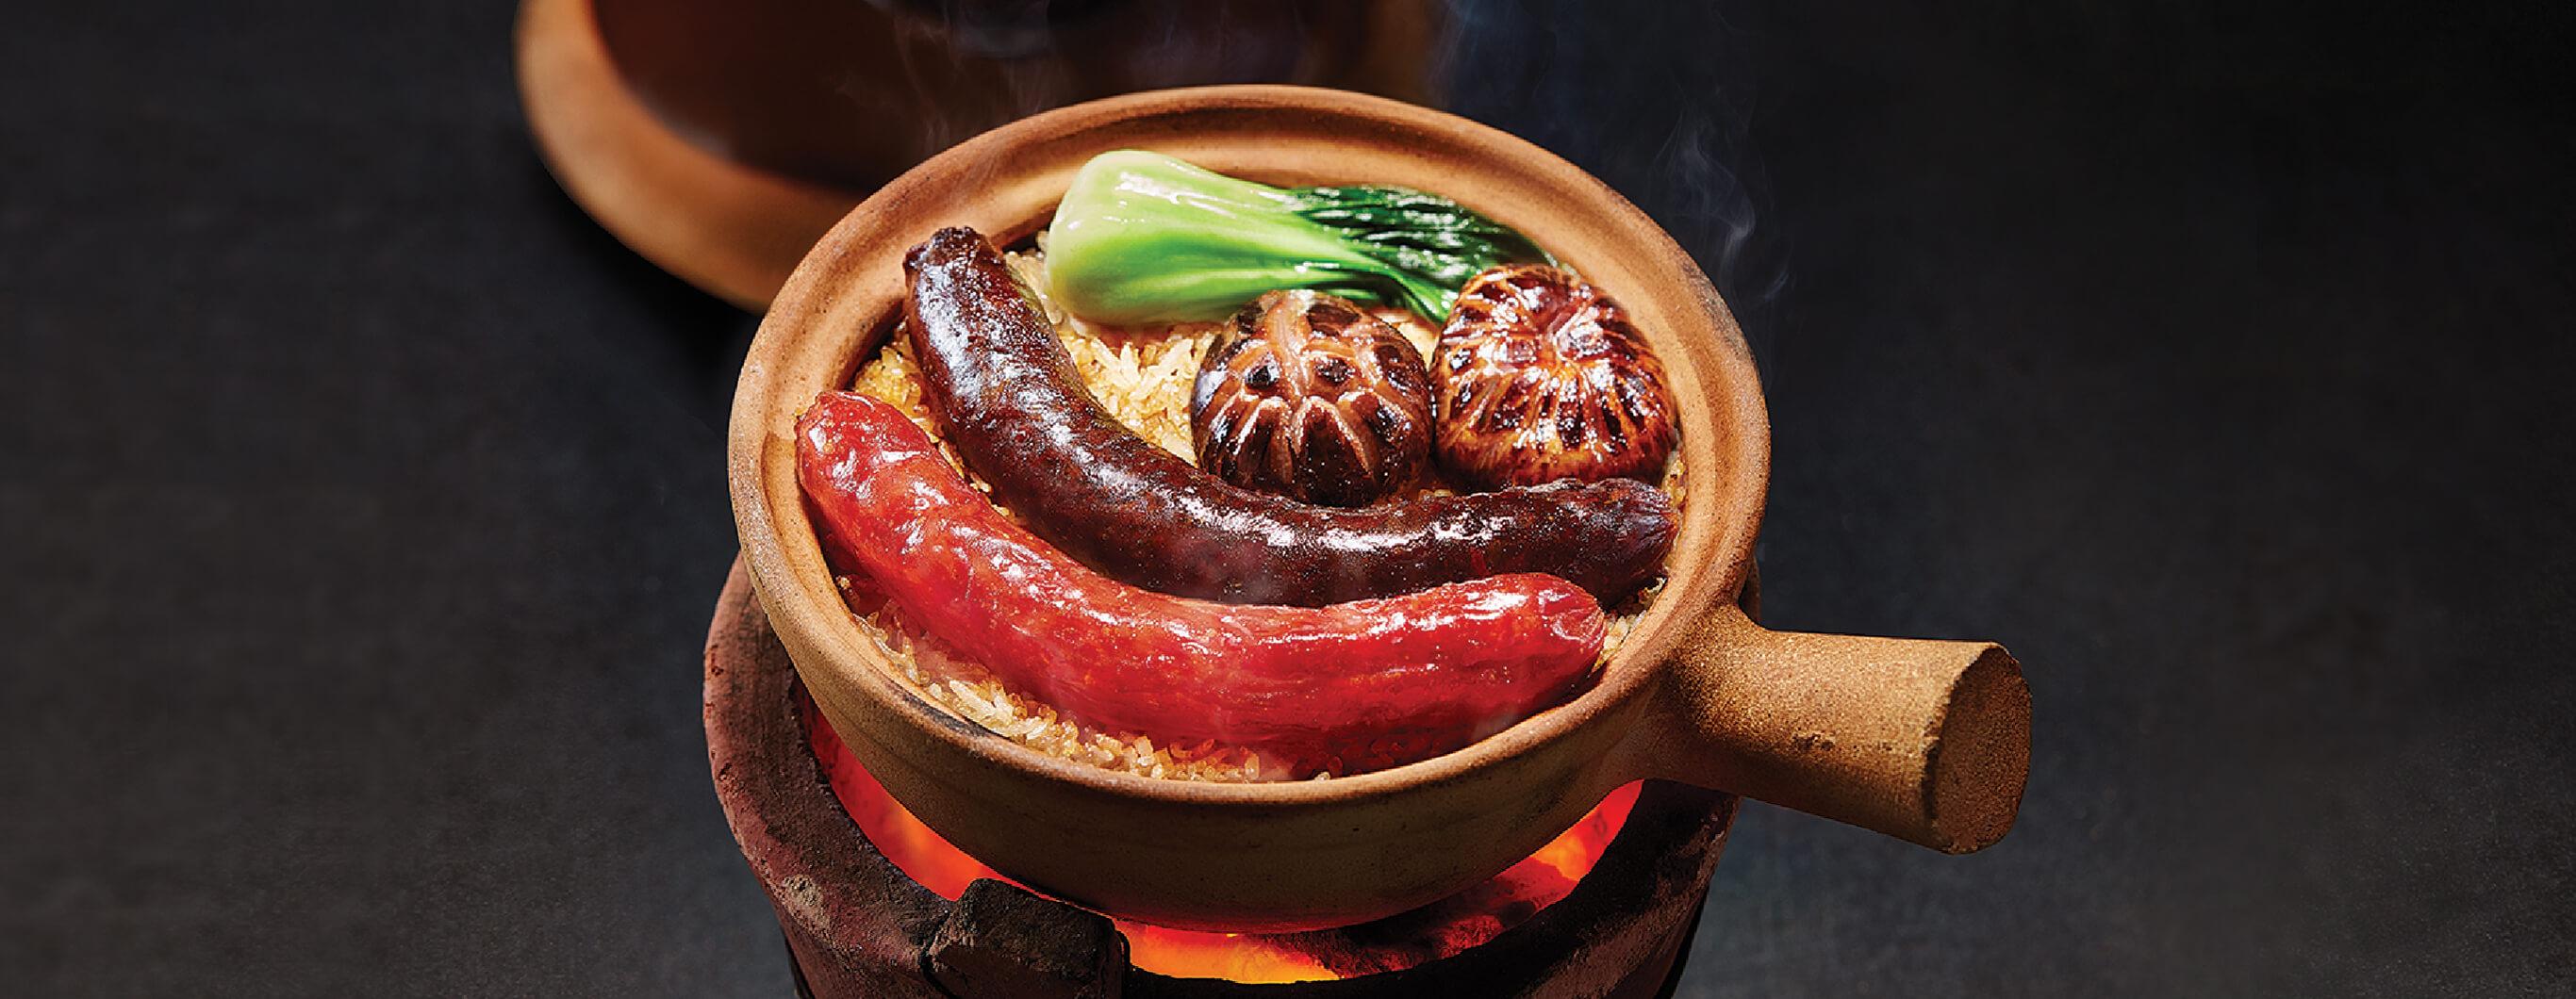 臘腸膶腸及XO醬